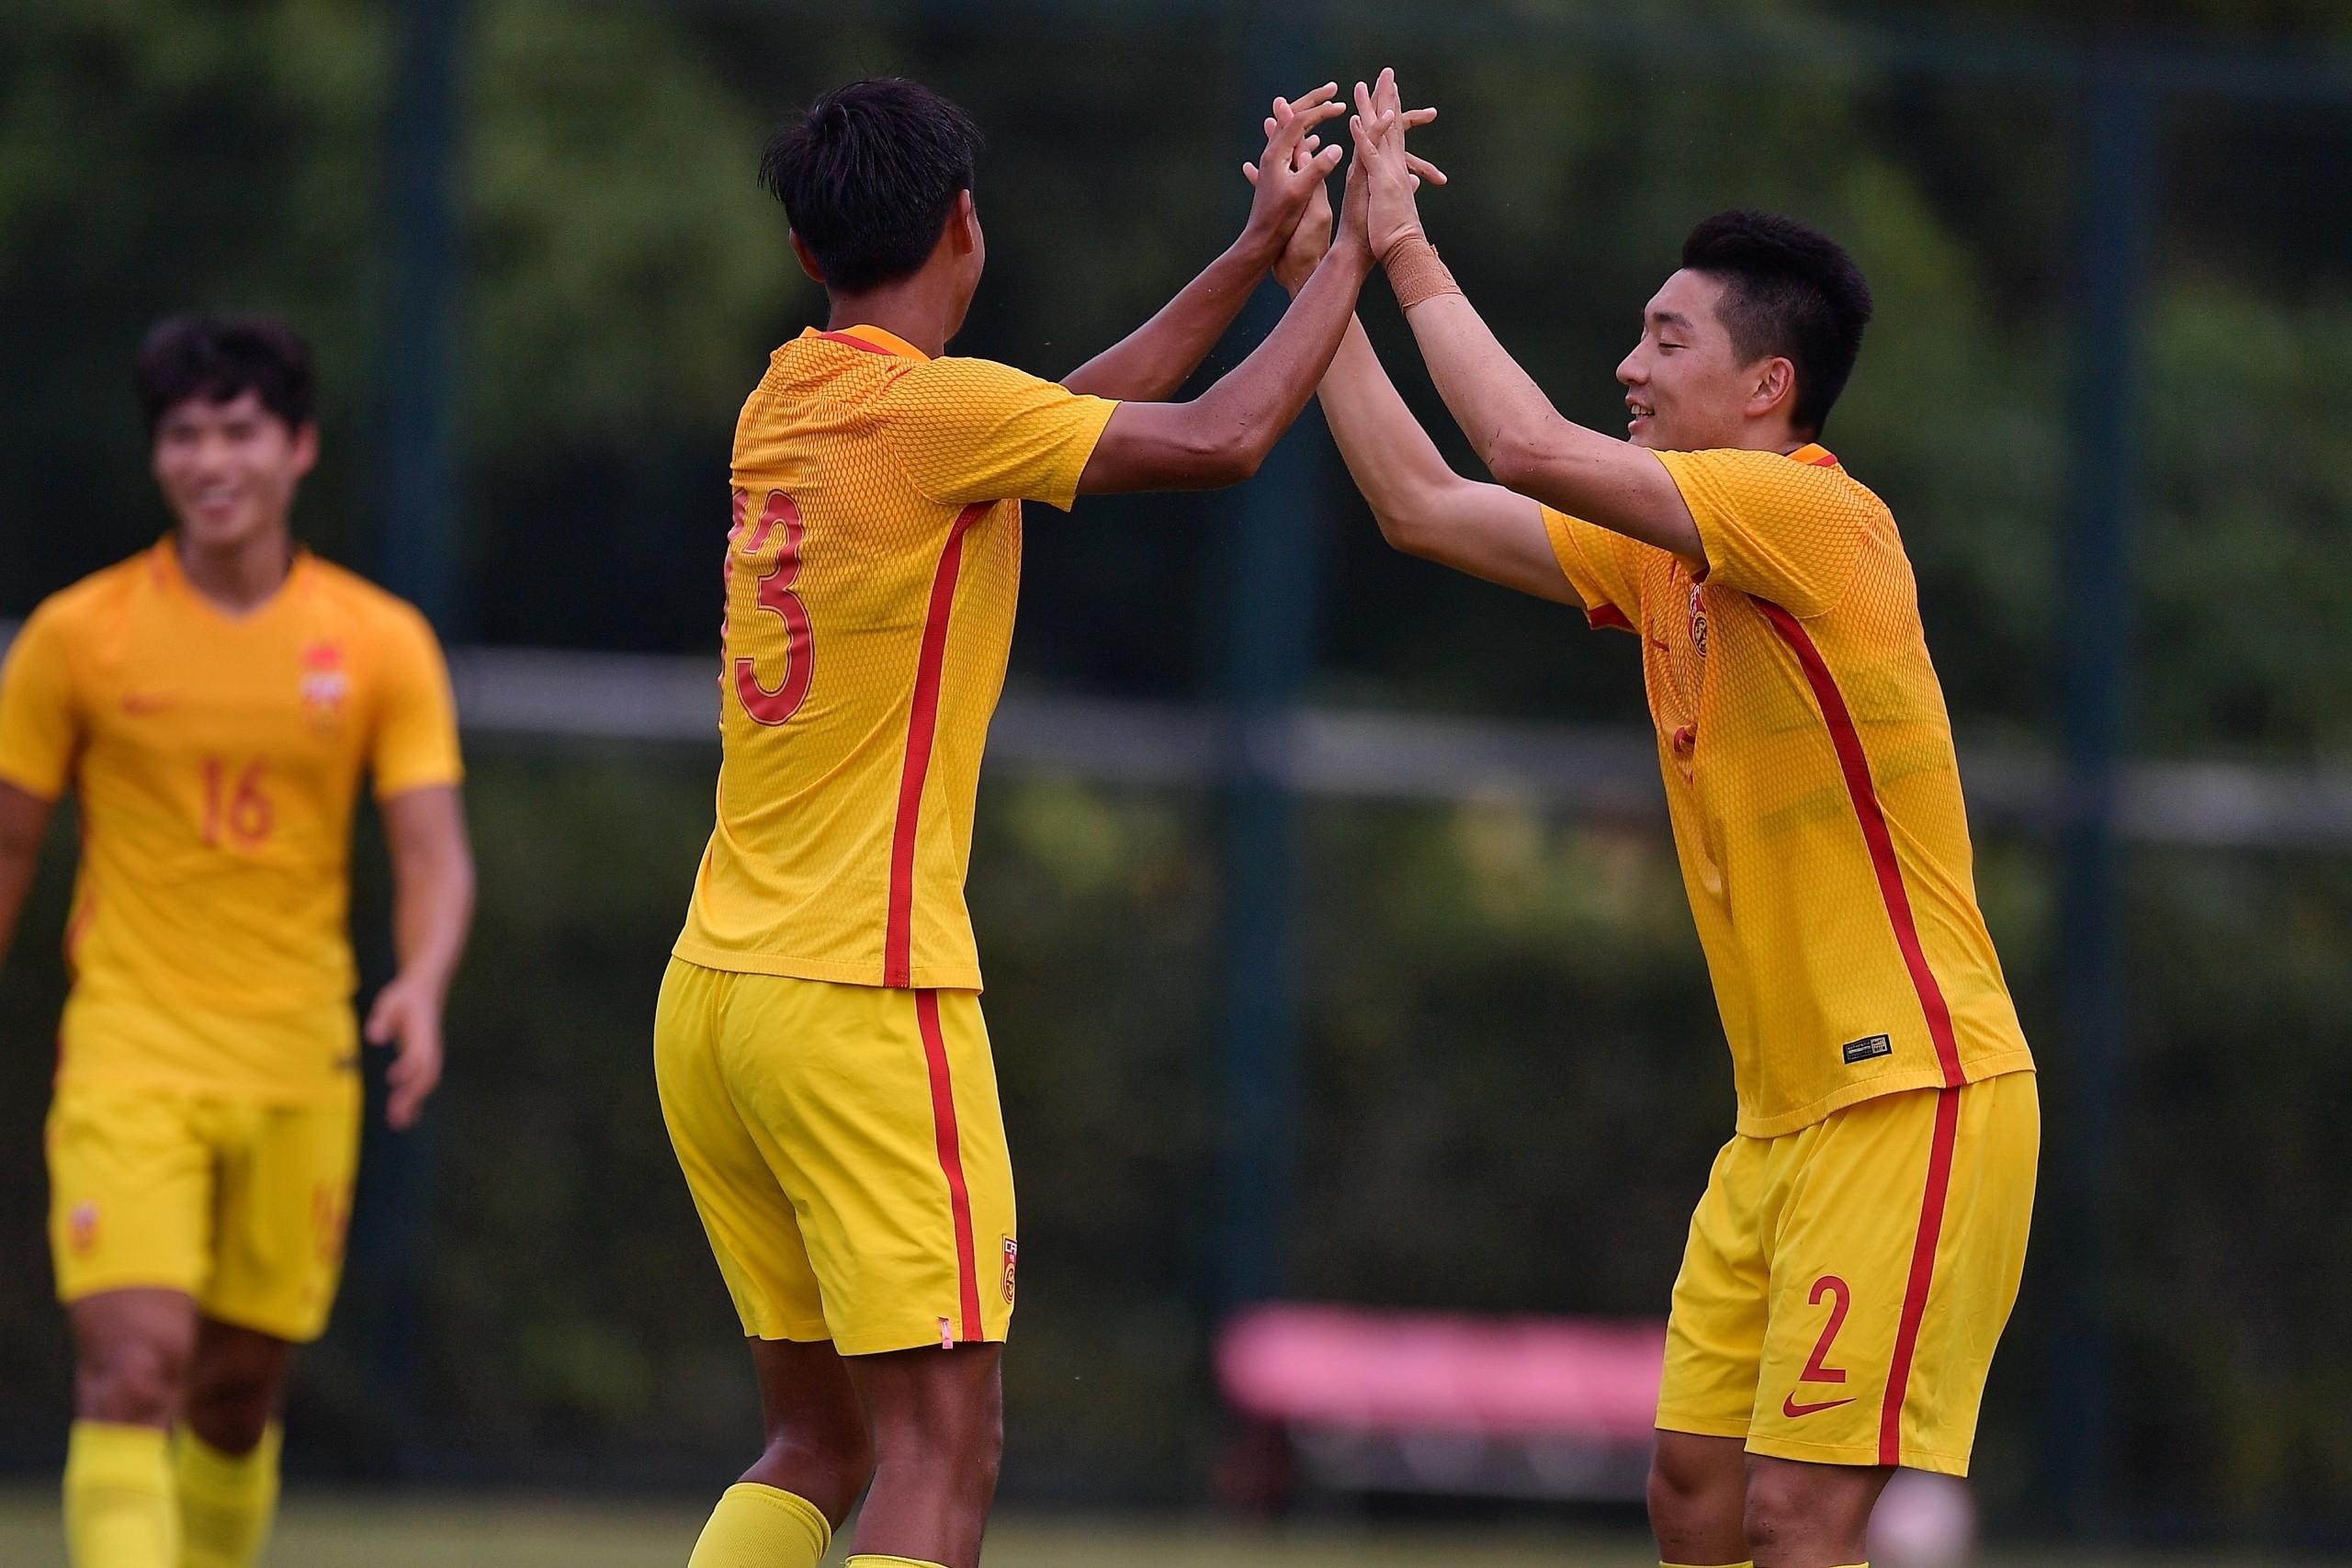 北青:国青打中乙只算分不计名次,兼顾竞争含金量与练兵 第1张